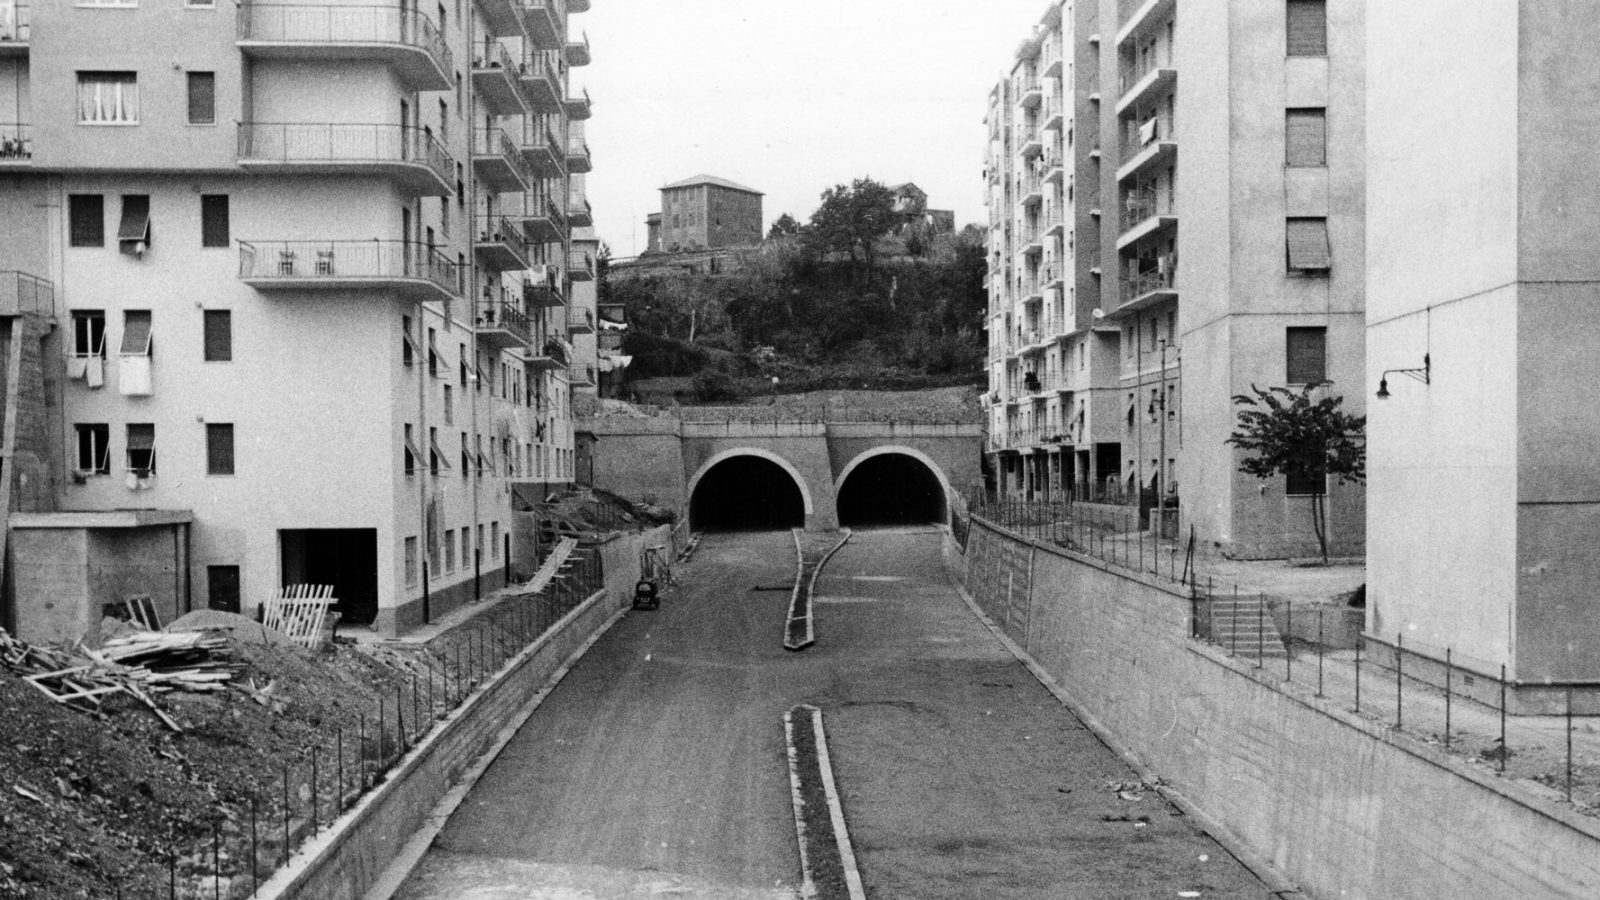 Autostrada A10 Genova-Savona, tratto in costruzione nei pressi del  viadotto Molinassi nel 1962 (Archivio storico Anas)